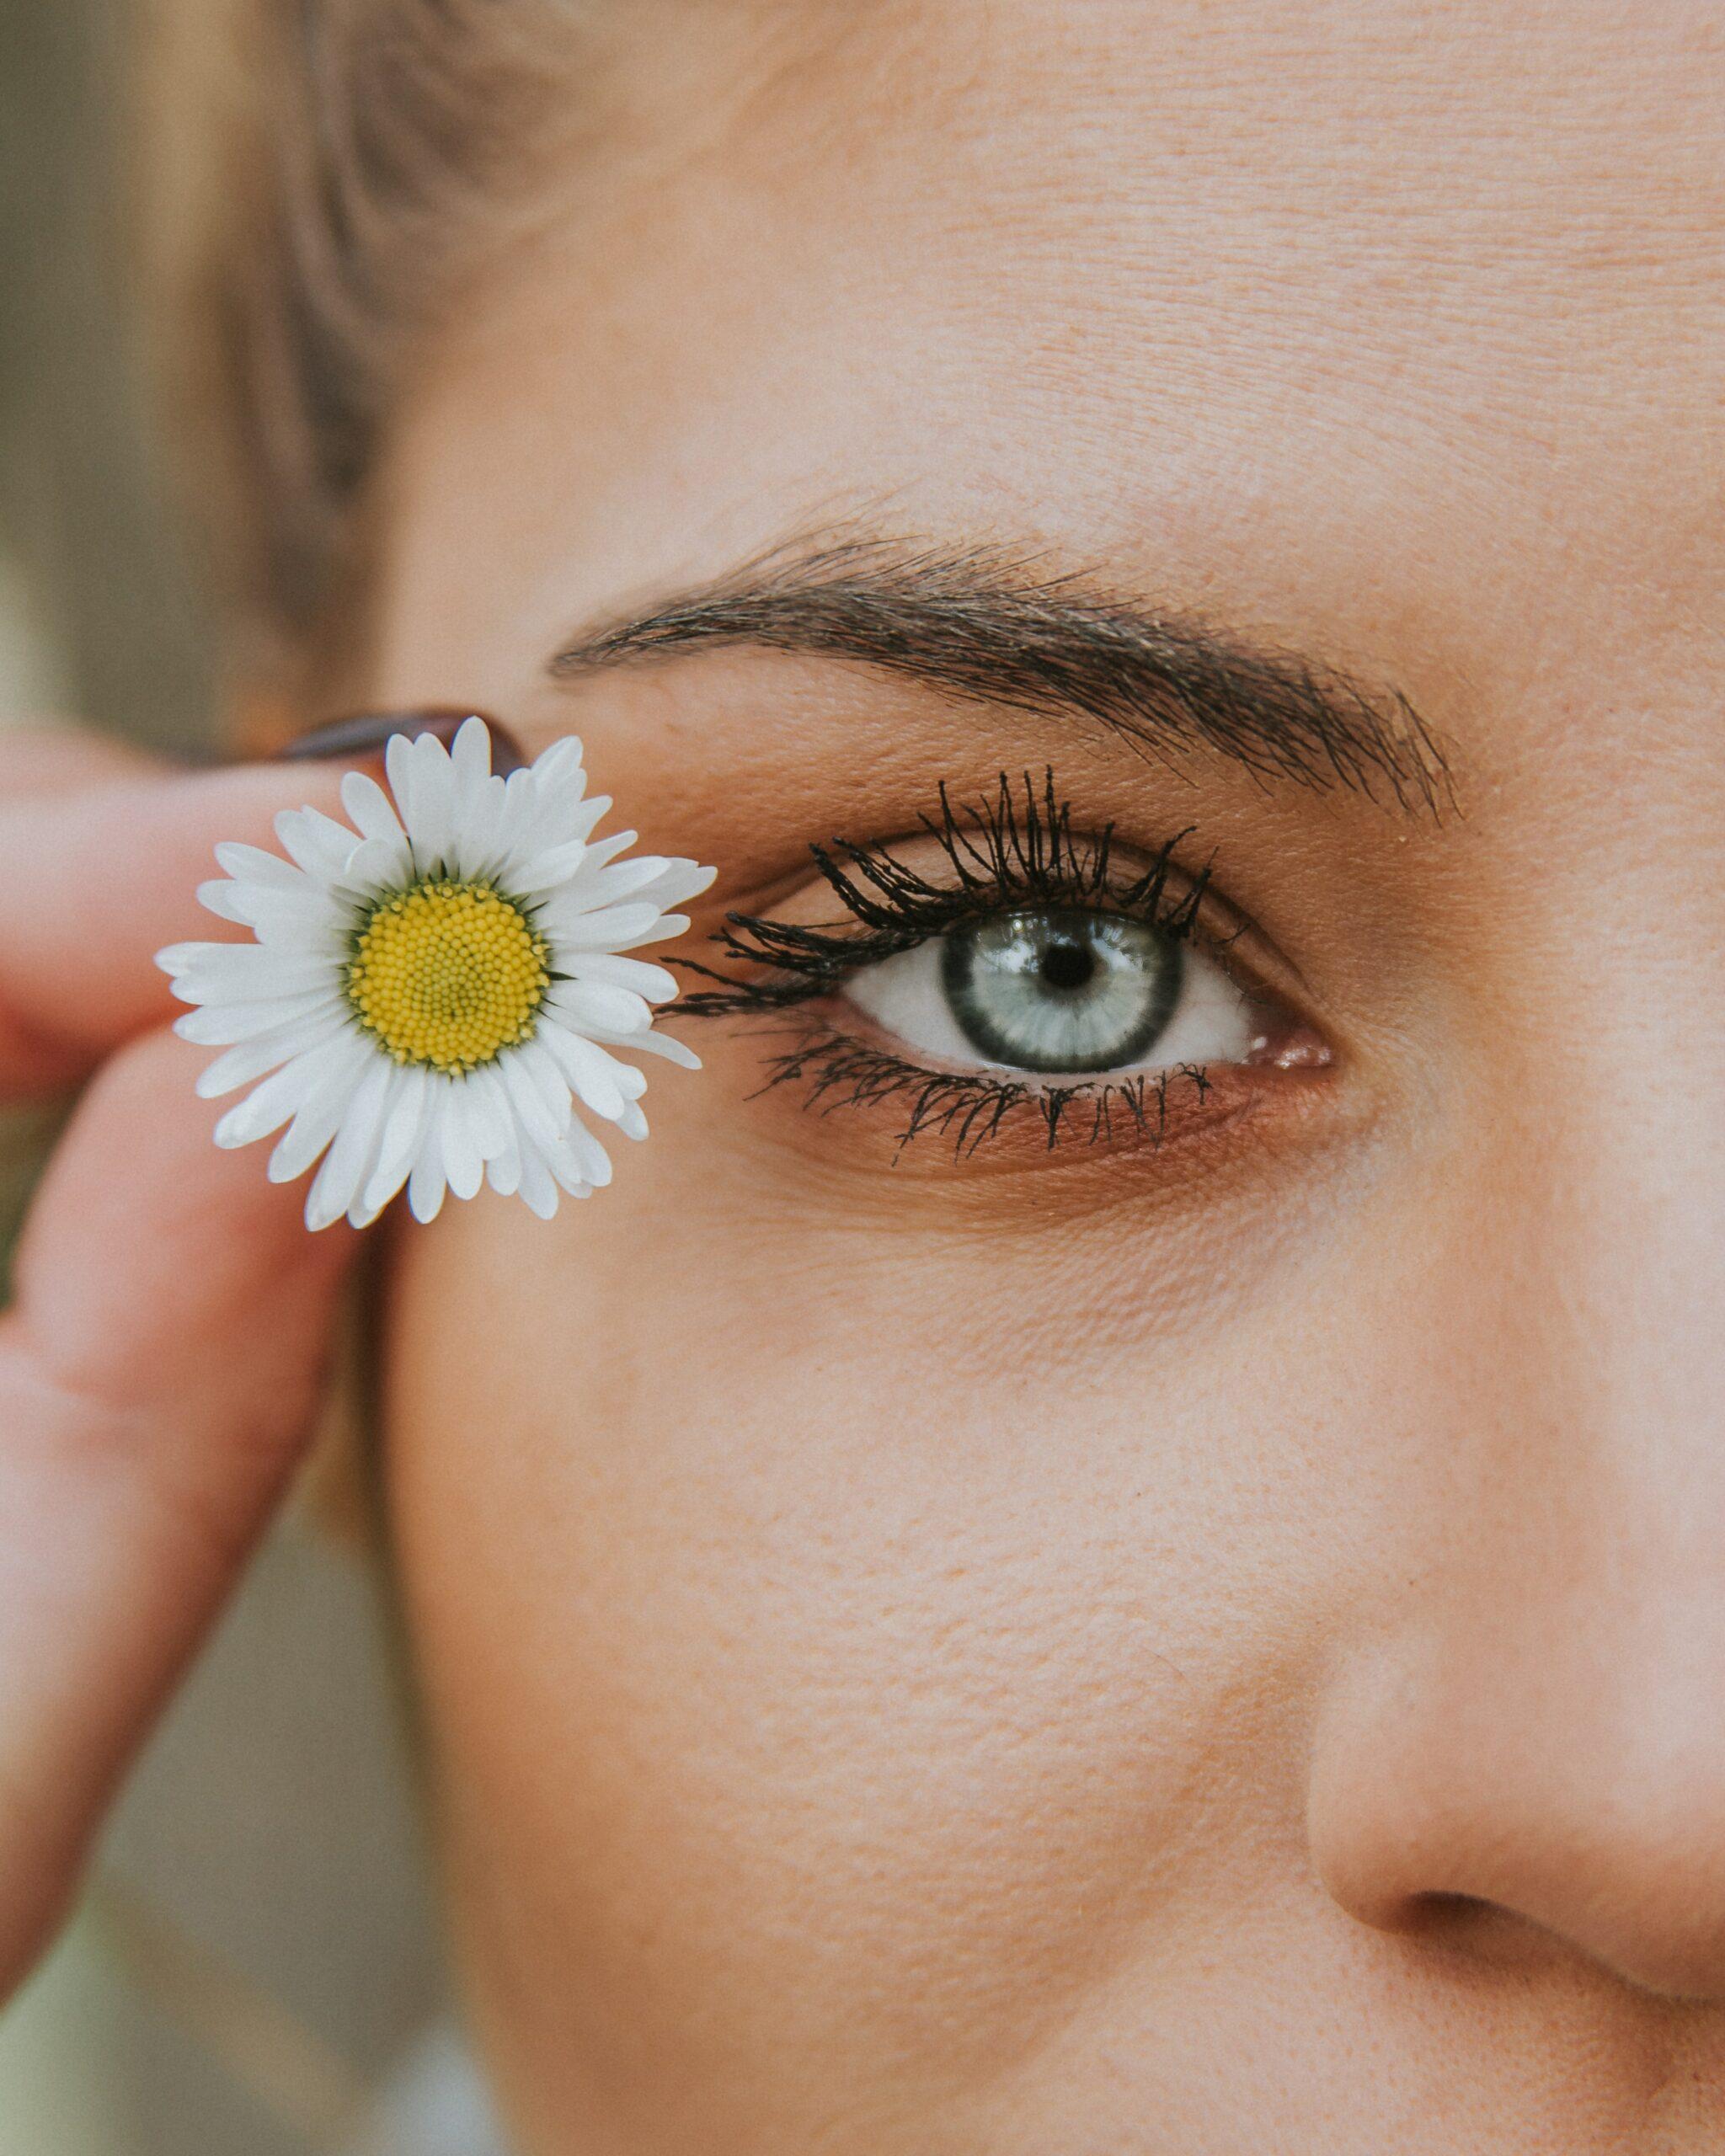 Hoe kun je cosmetische artsen goed vergelijken?